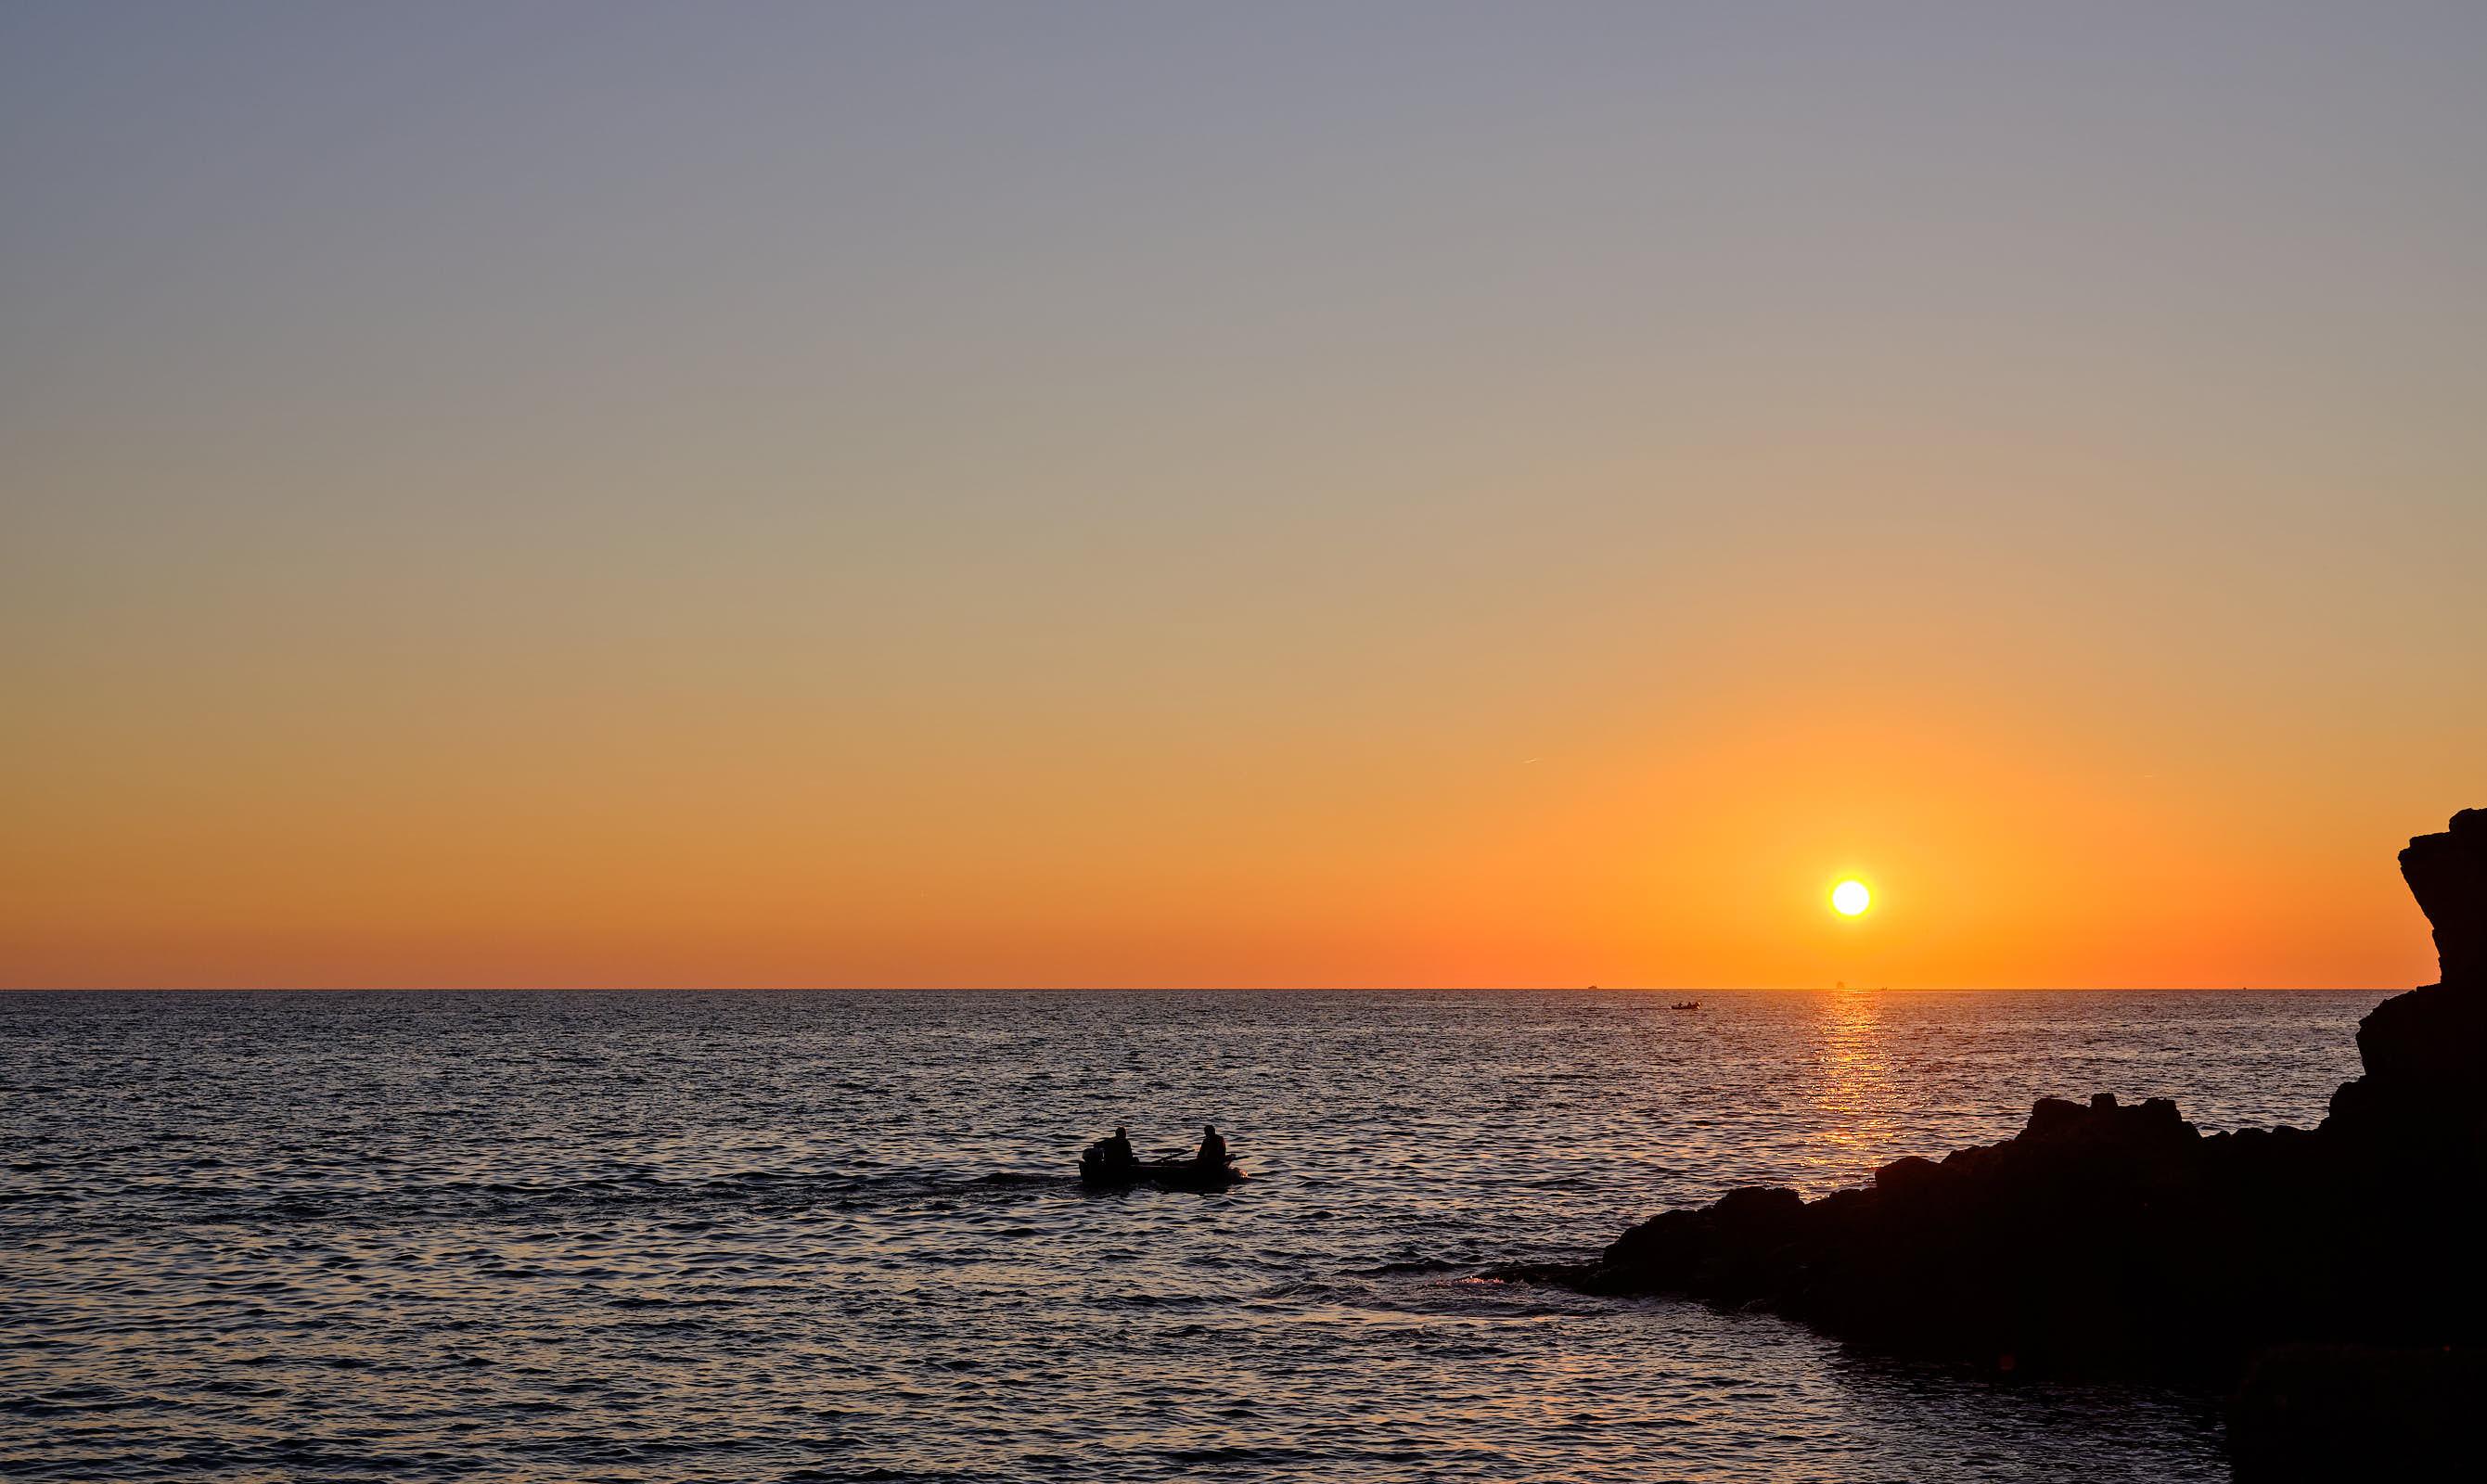 Sunset from Riomaggiore, Cinque Terre